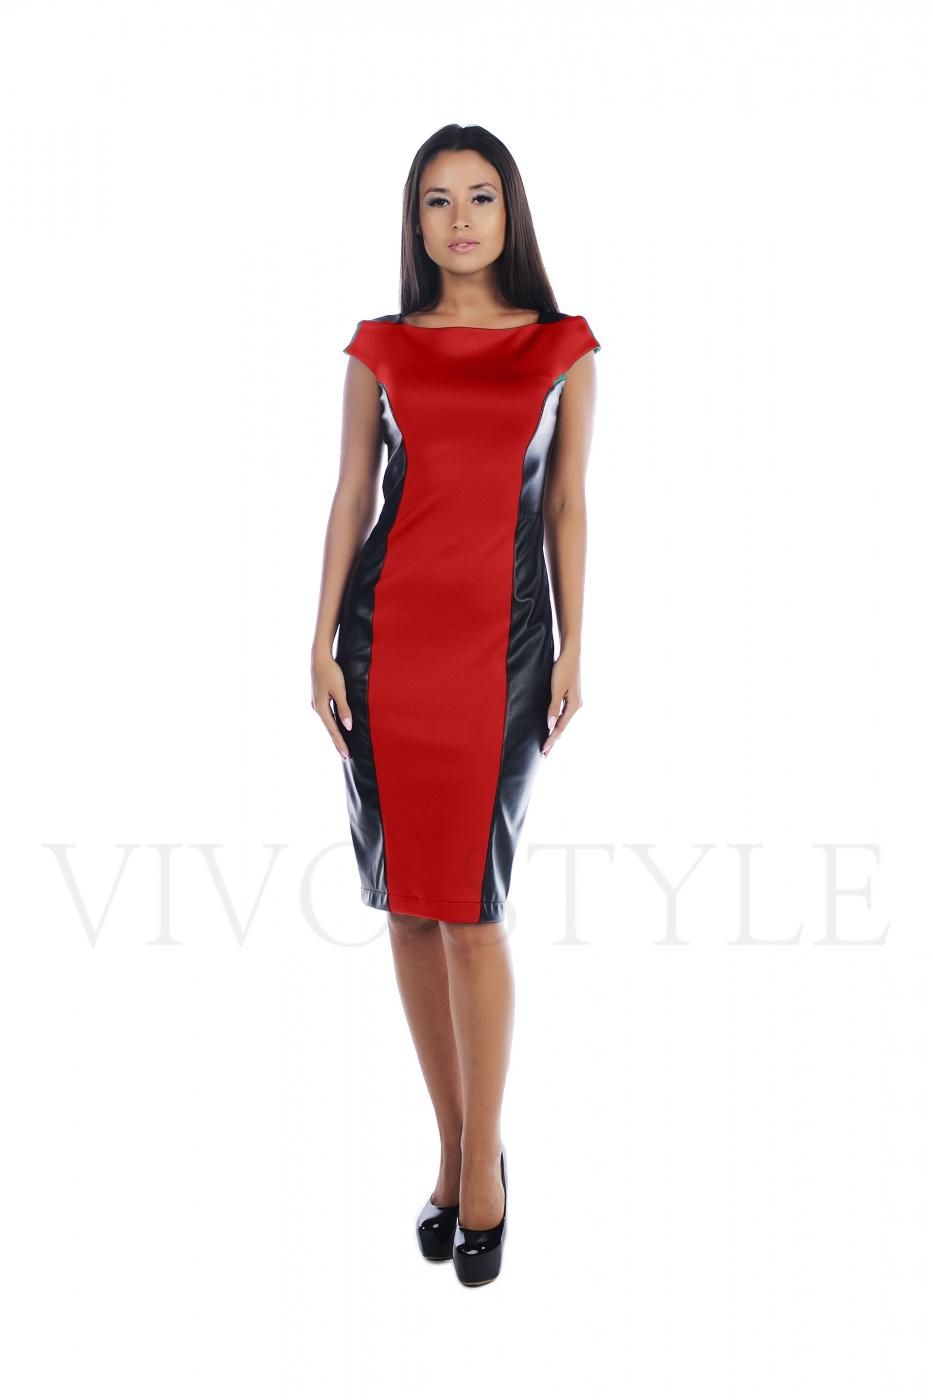 Сбор заказов! Грандиозная распродажа женской одежды от производителя! Огромный ассортимент!